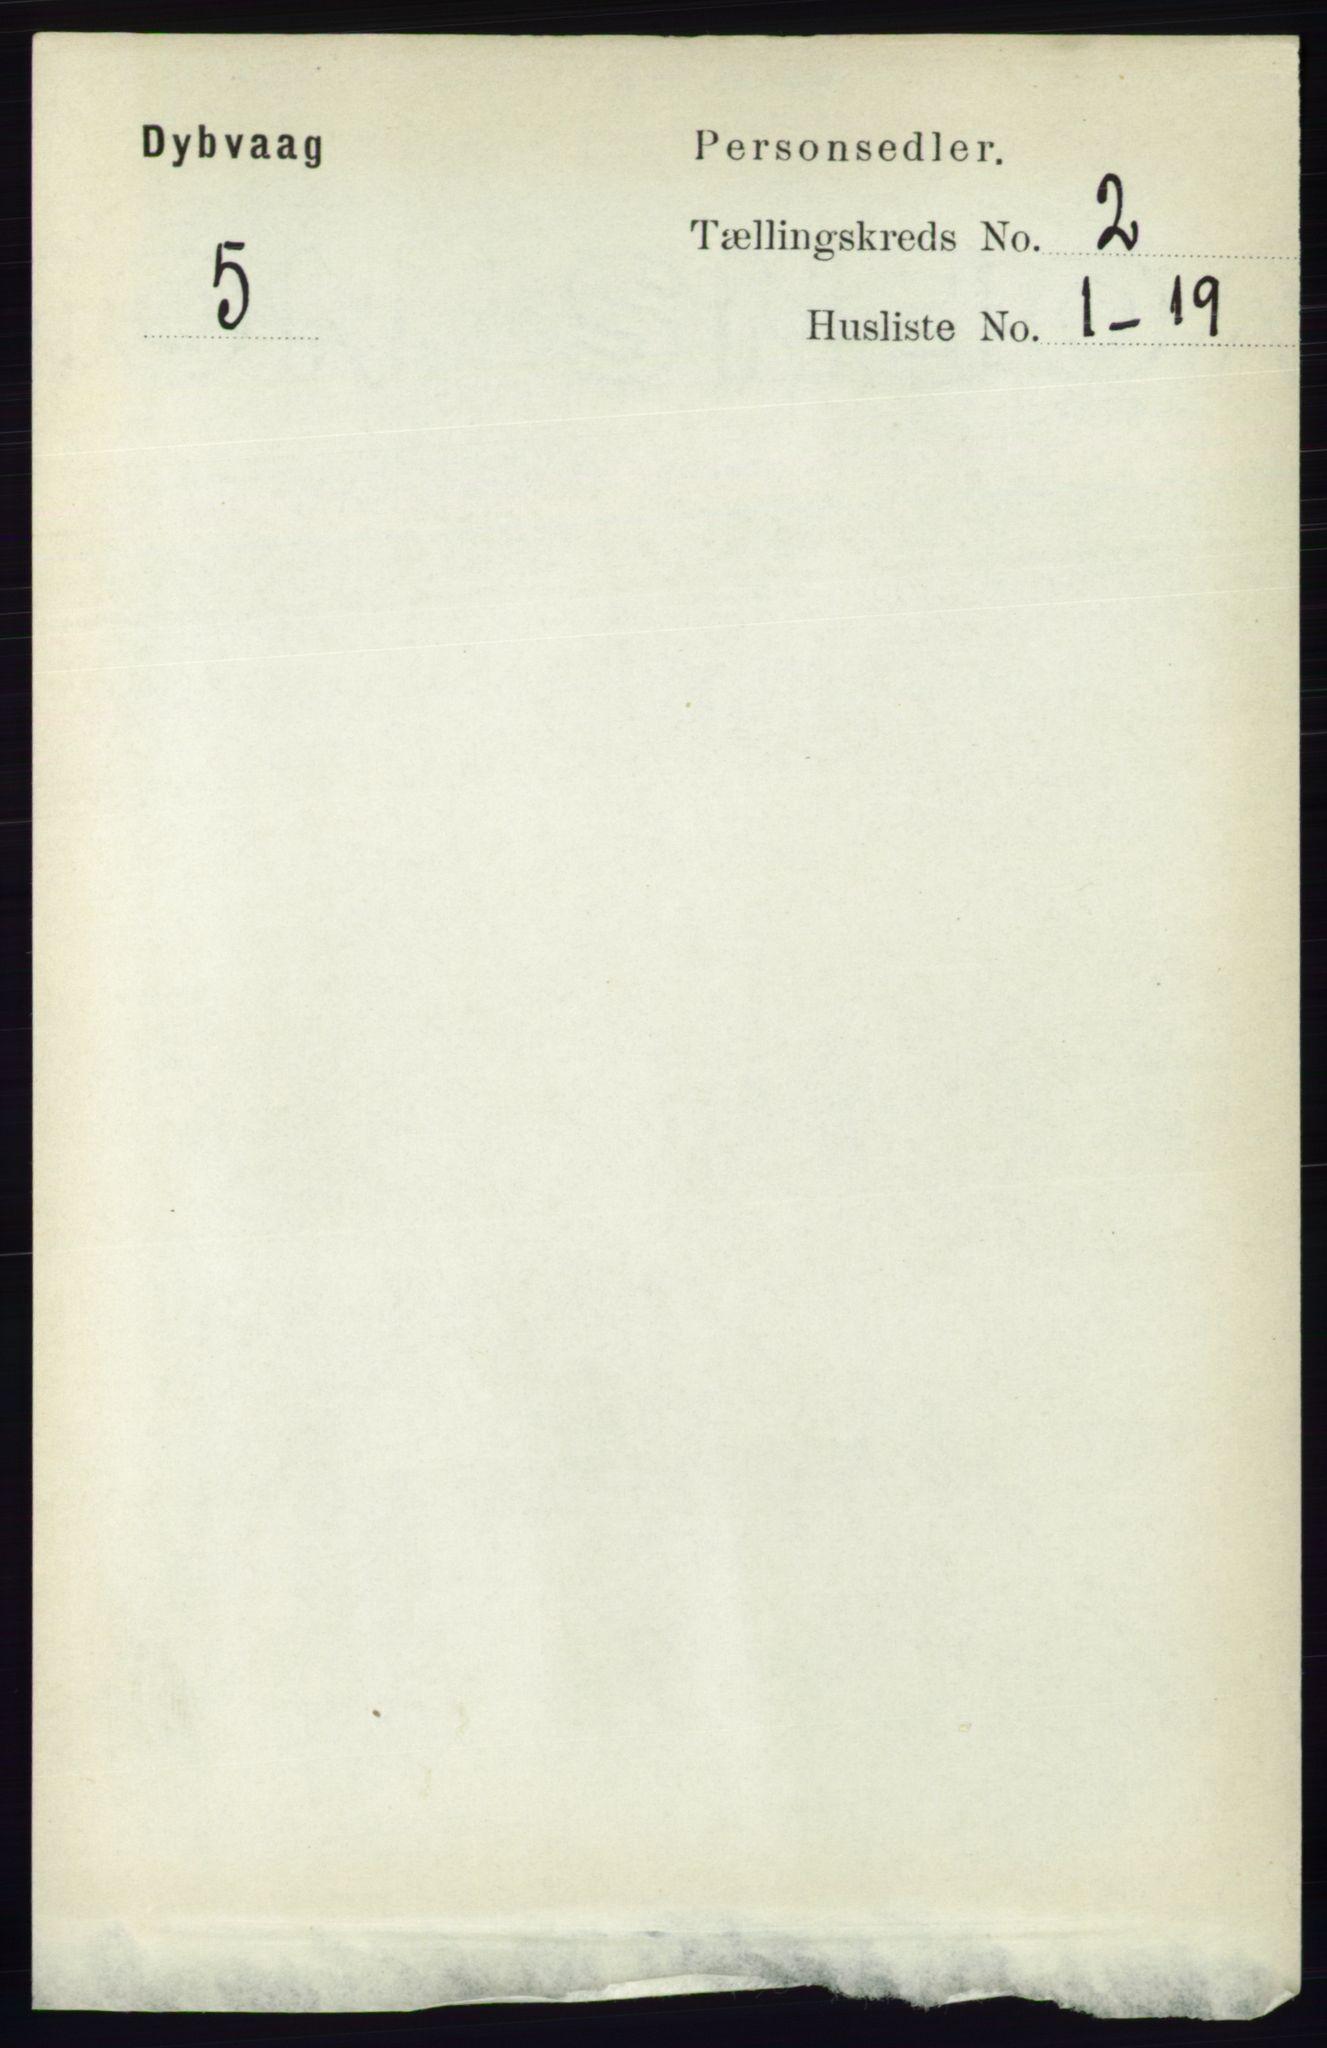 RA, Folketelling 1891 for 0915 Dypvåg herred, 1891, s. 513